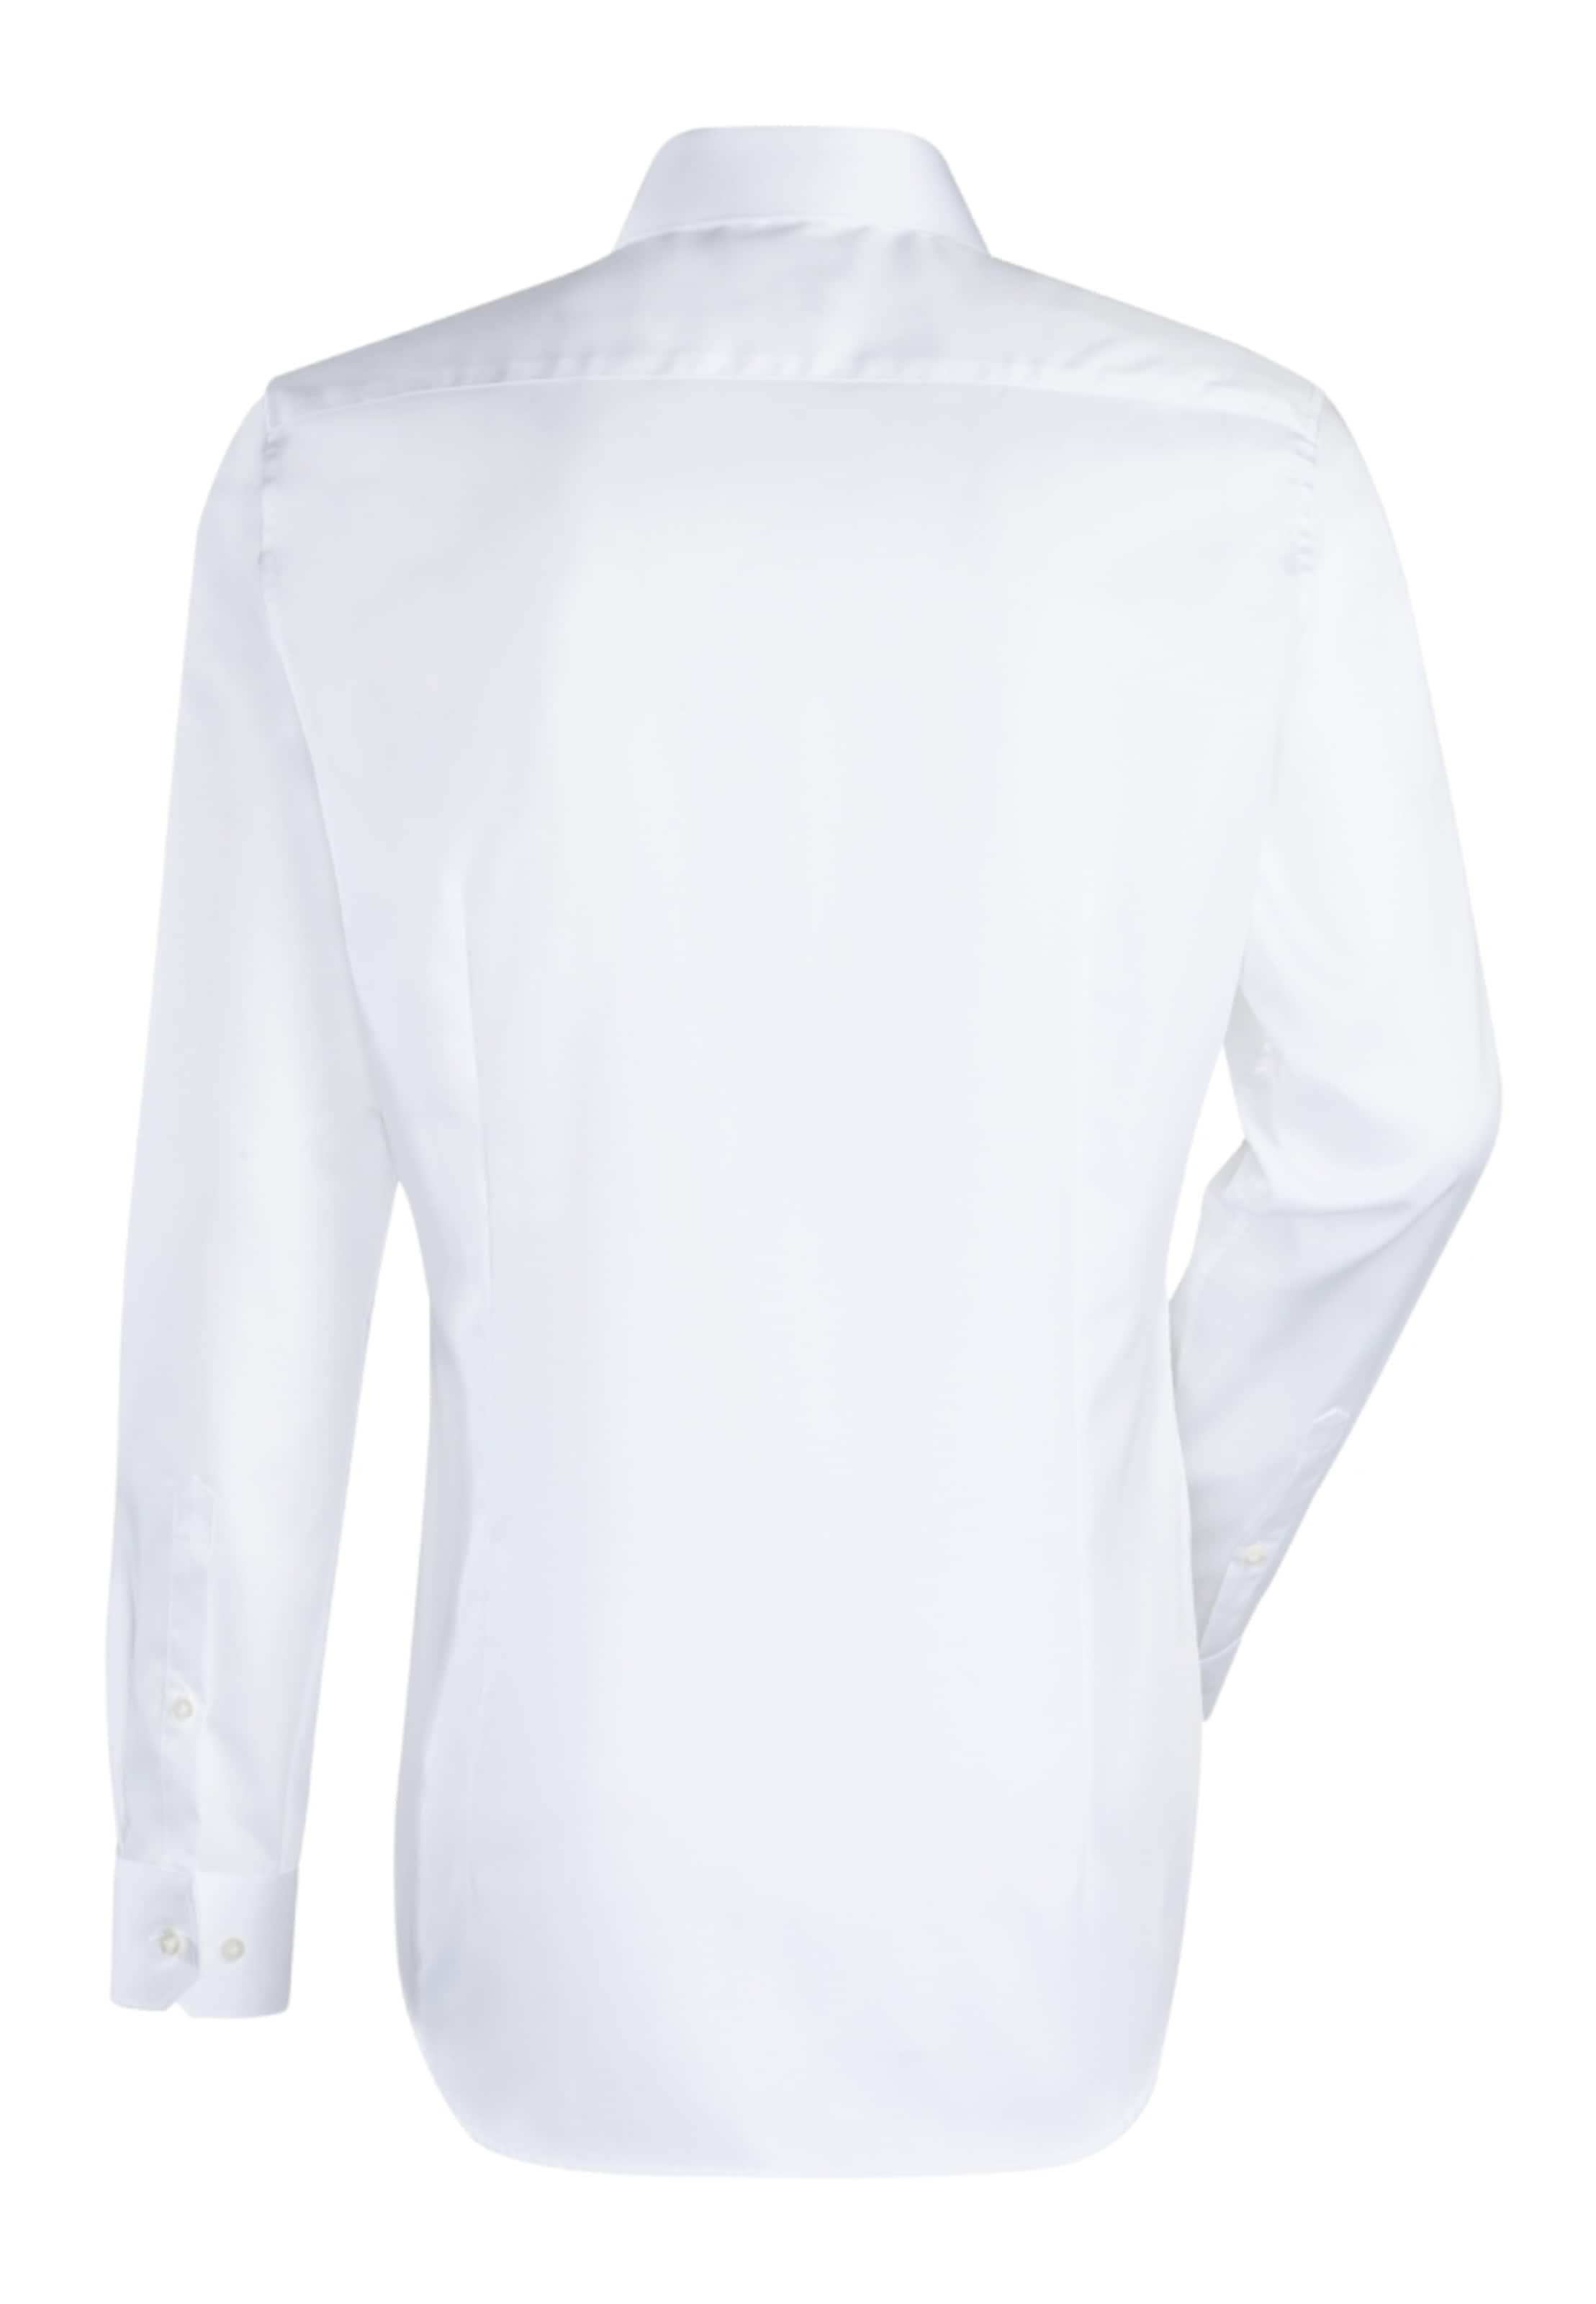 Spielraum Aus Deutschland Jacques Britt City-Hemd 'Slim Fit' Klassische Online-Verkauf Freies Verschiffen Wahl TbCfxE6q